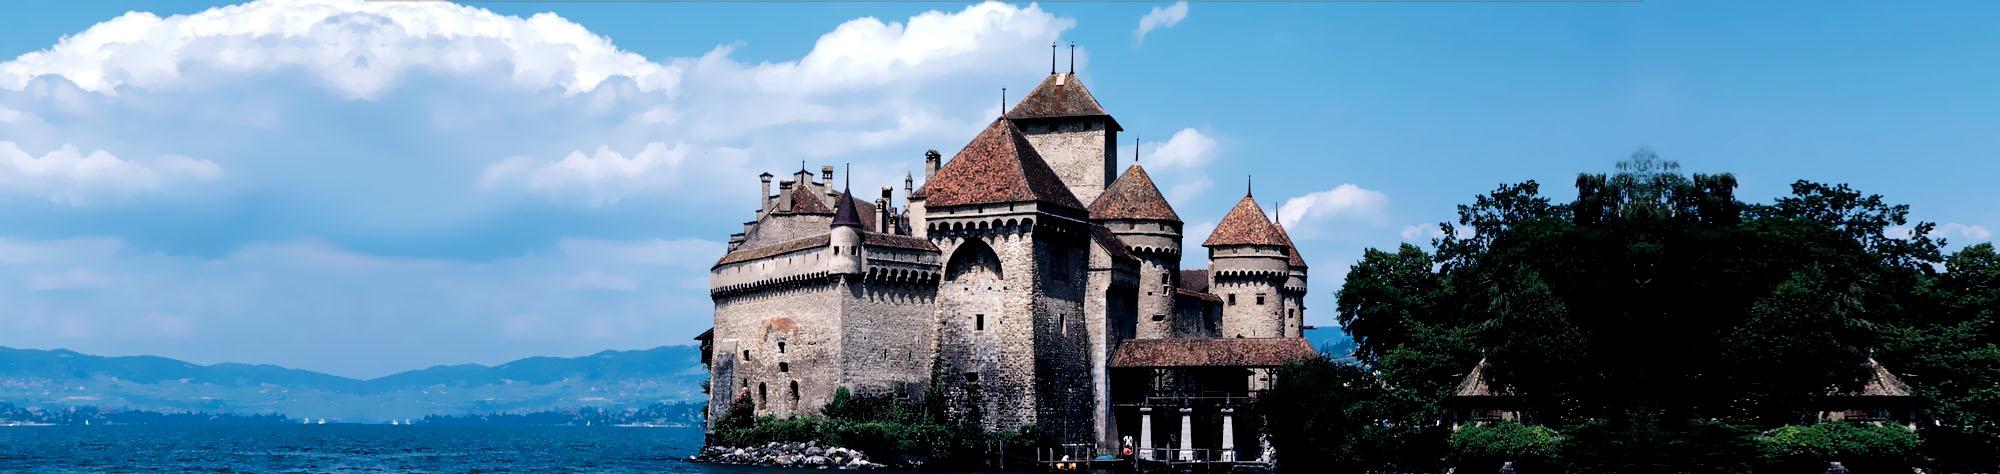 优雅古堡 魅力瑞士图片